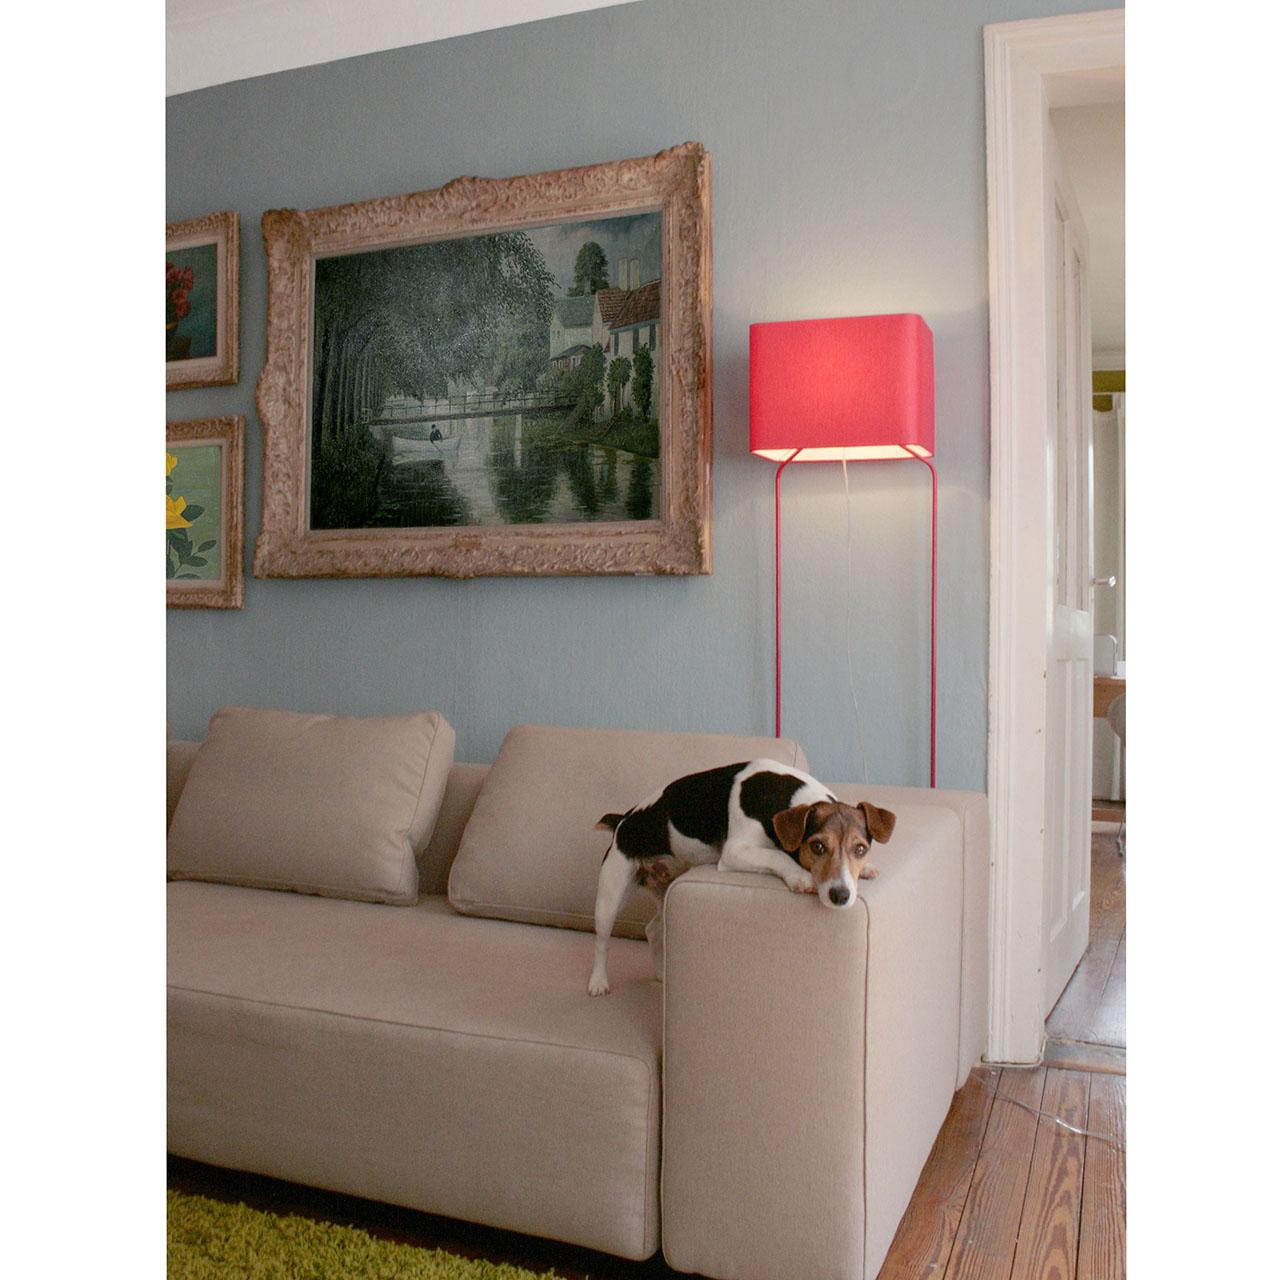 lichtraum24-shop-leuchten-stehleuchten-thinlissie-enterior